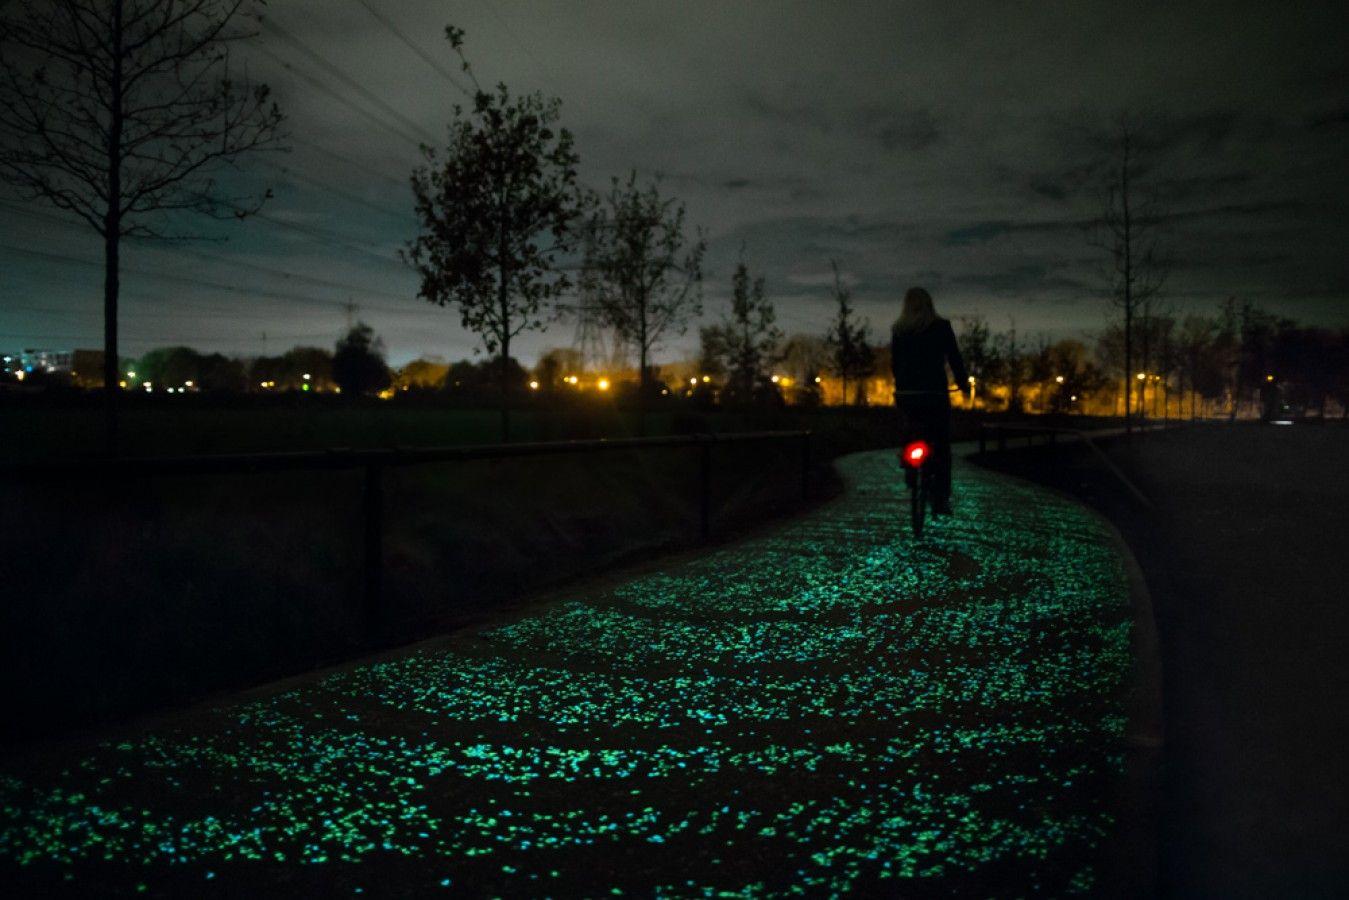 | Studio Roosegaarde — Smart Highway (fietspad) |      Een poëtische oplossing/verbetering van een probleem. Daan Roosegaarde is een productontwikkelaar/artiest waar ik enorm naar opkijk. Van elke minpunt maakt hij een groot pluspunt. Zijn projecten zijn heel artistiek en bieden tegelijkertijd een oplossing voor (soms hele grote) problemen. Hier gaat het over 'glow in the dark' verf. Deze verf laad overdag op in het daglicht en geeft snachts licht om zo de fietsers te begeleiden.